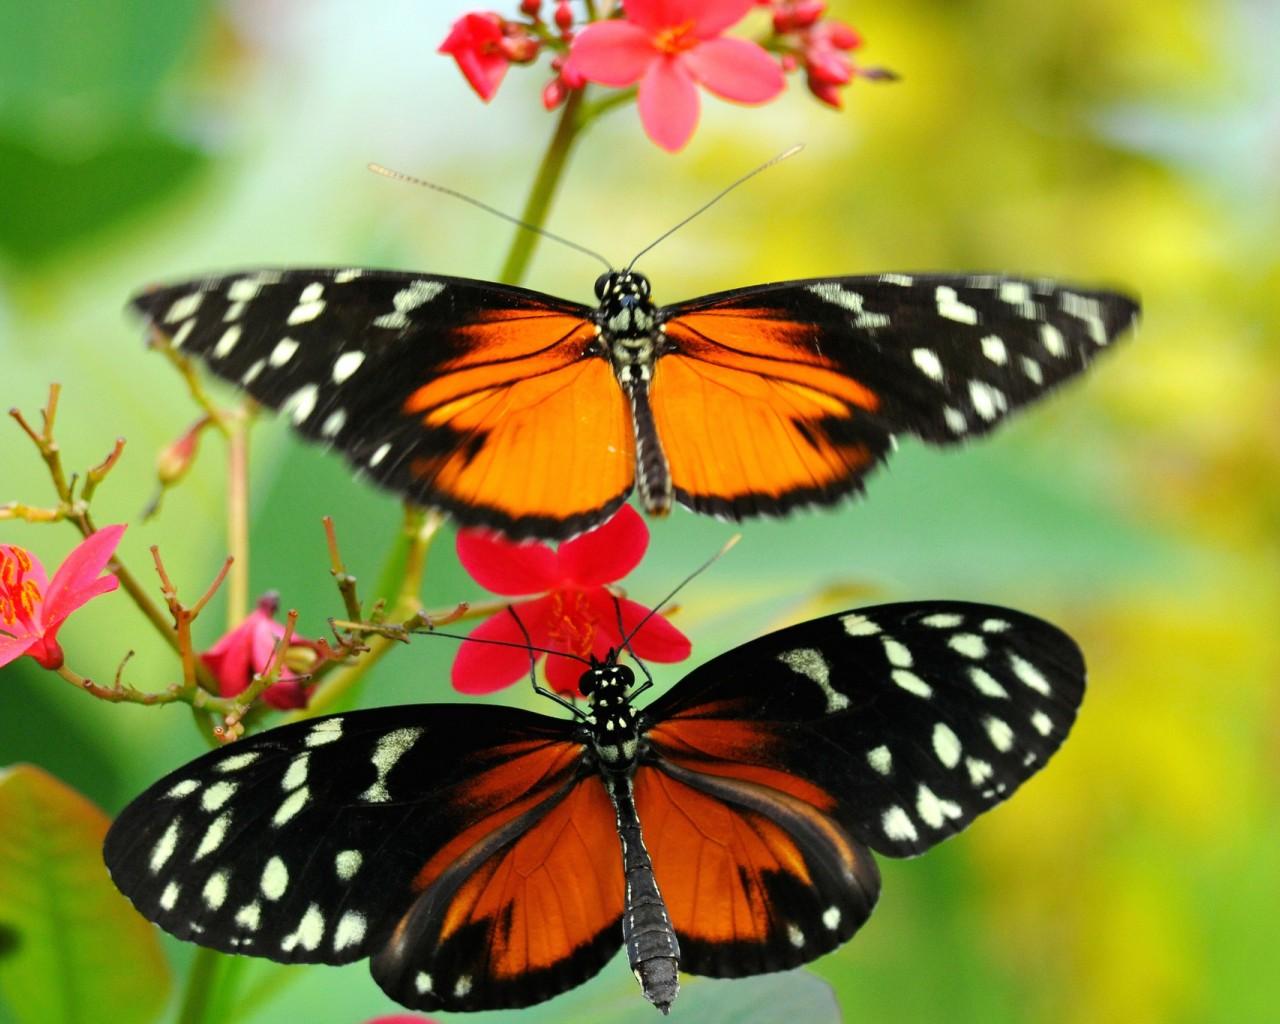 Cantiknya Kupu Kupu Di Antara Bunga Yang Indah Butterfly